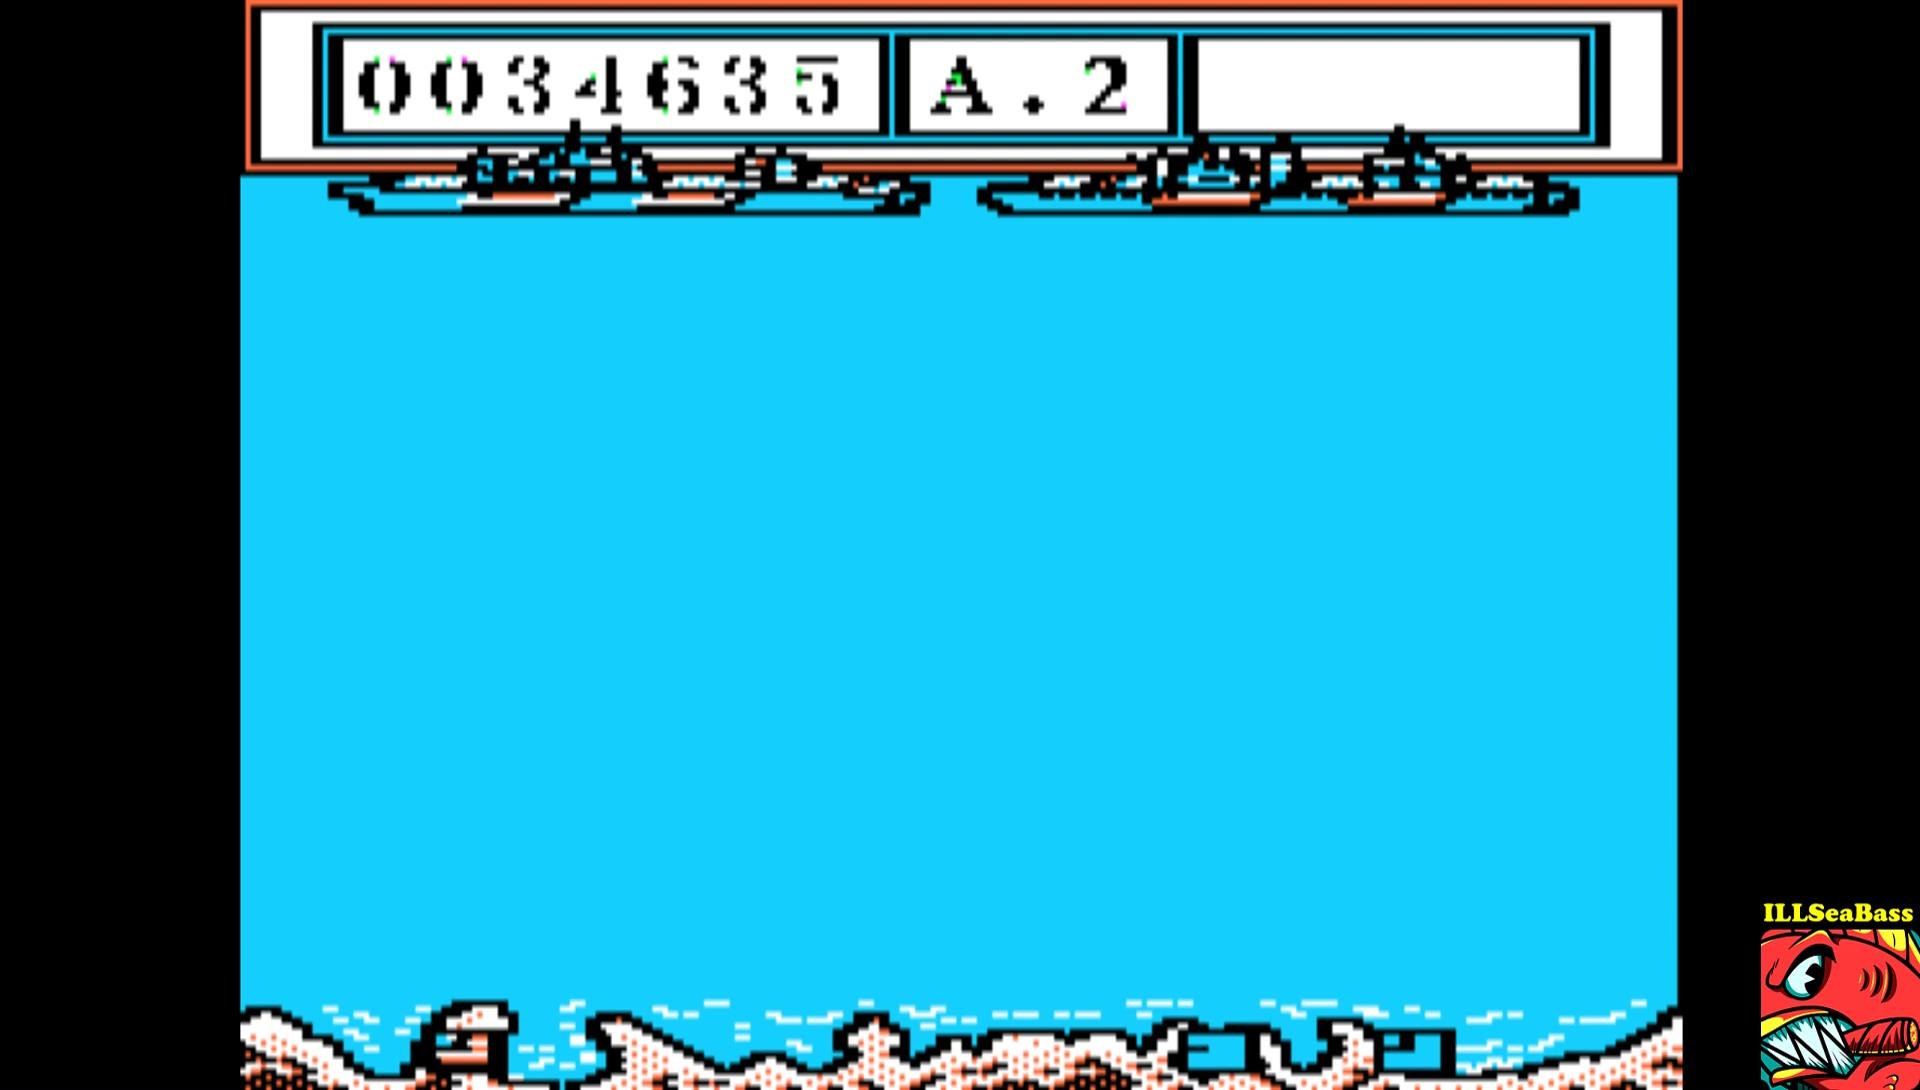 ILLSeaBass: Beach Landing (Apple II Emulated) 34,635 points on 2017-03-05 00:17:28